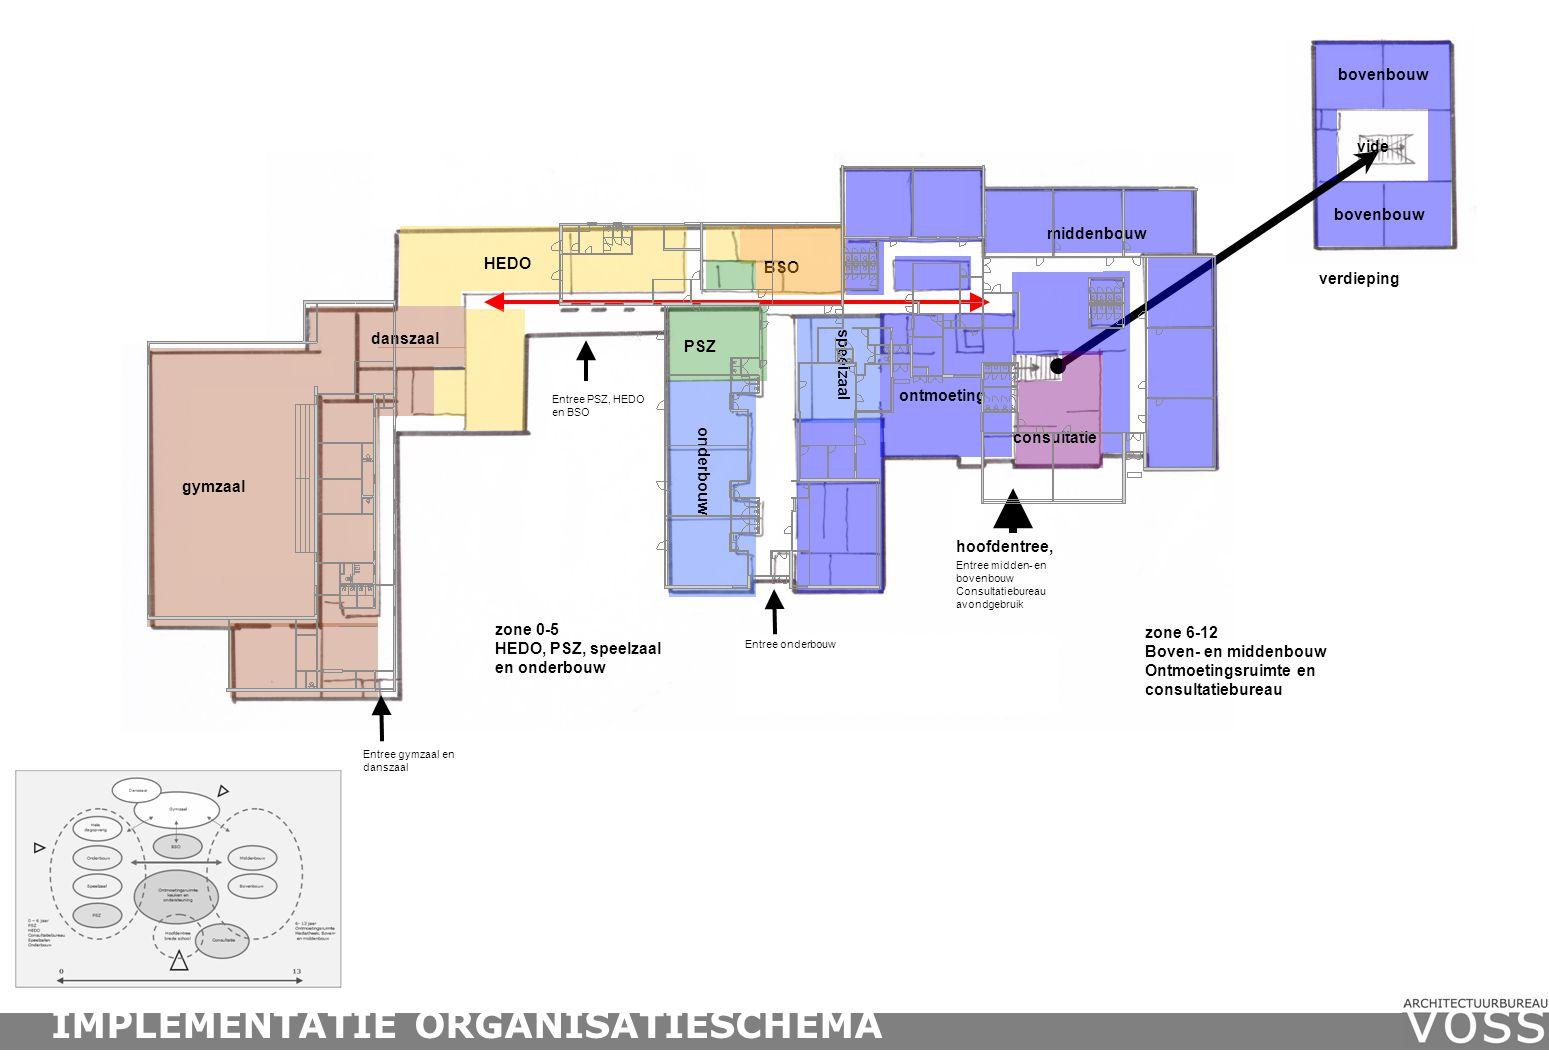 berg.conc repro werkplek berg. keuken Ontmoetings- zaal balie wachtruimte sprk.k.